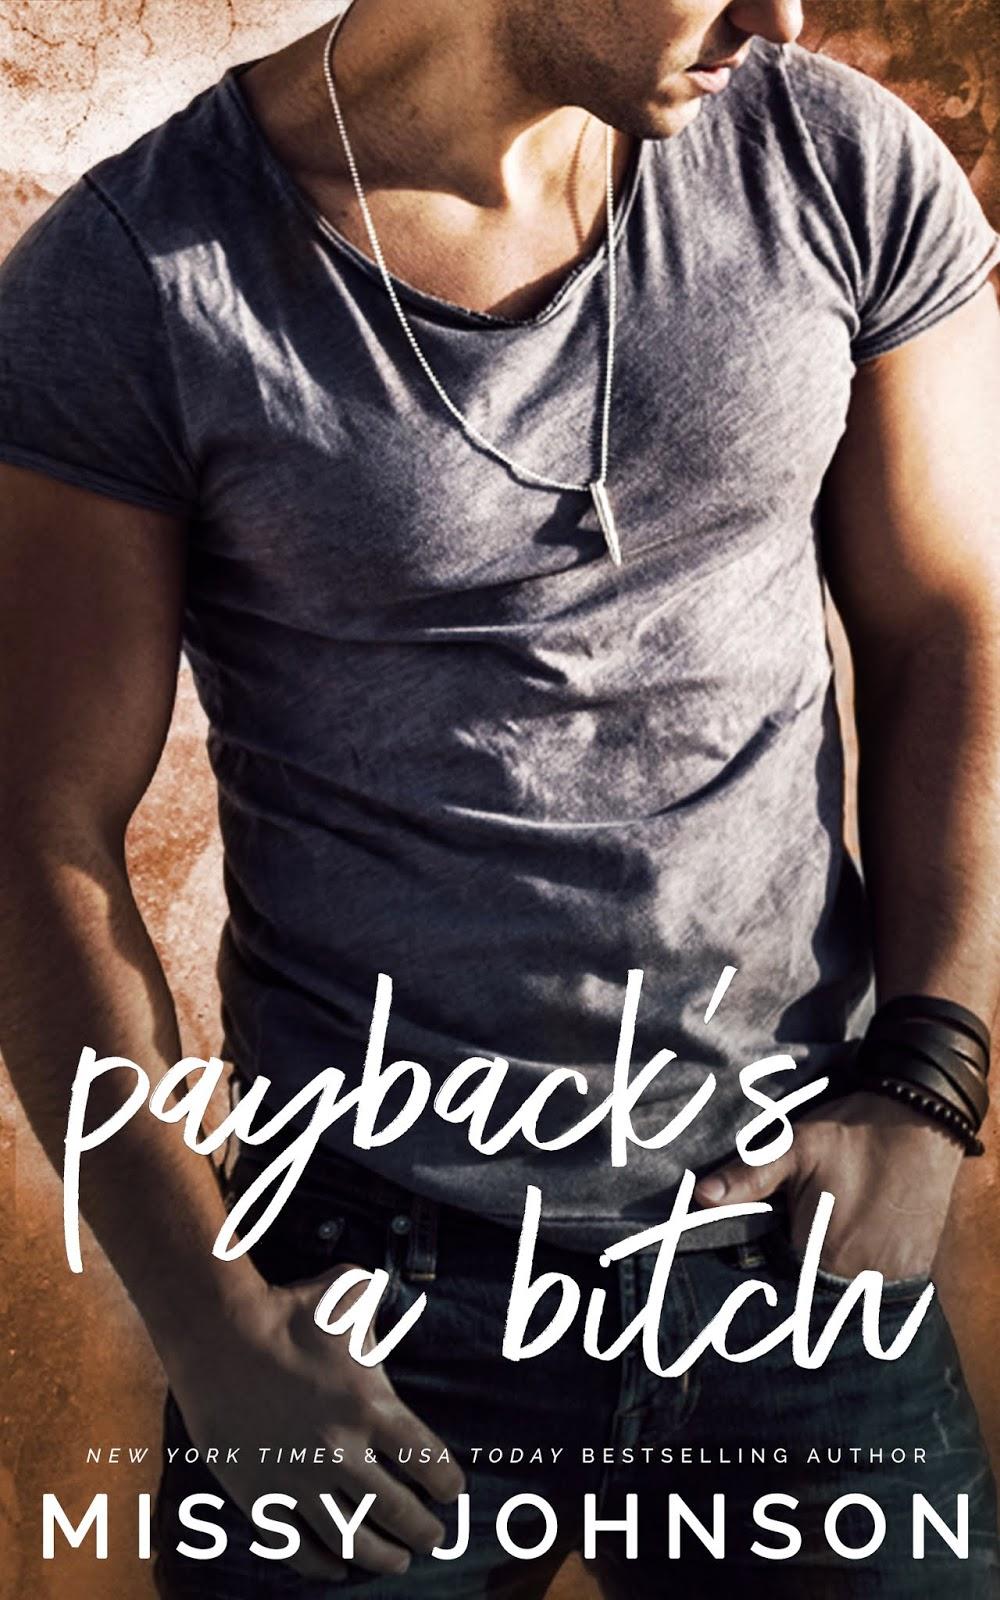 Paybacks a Bitch - By Missy Johnson